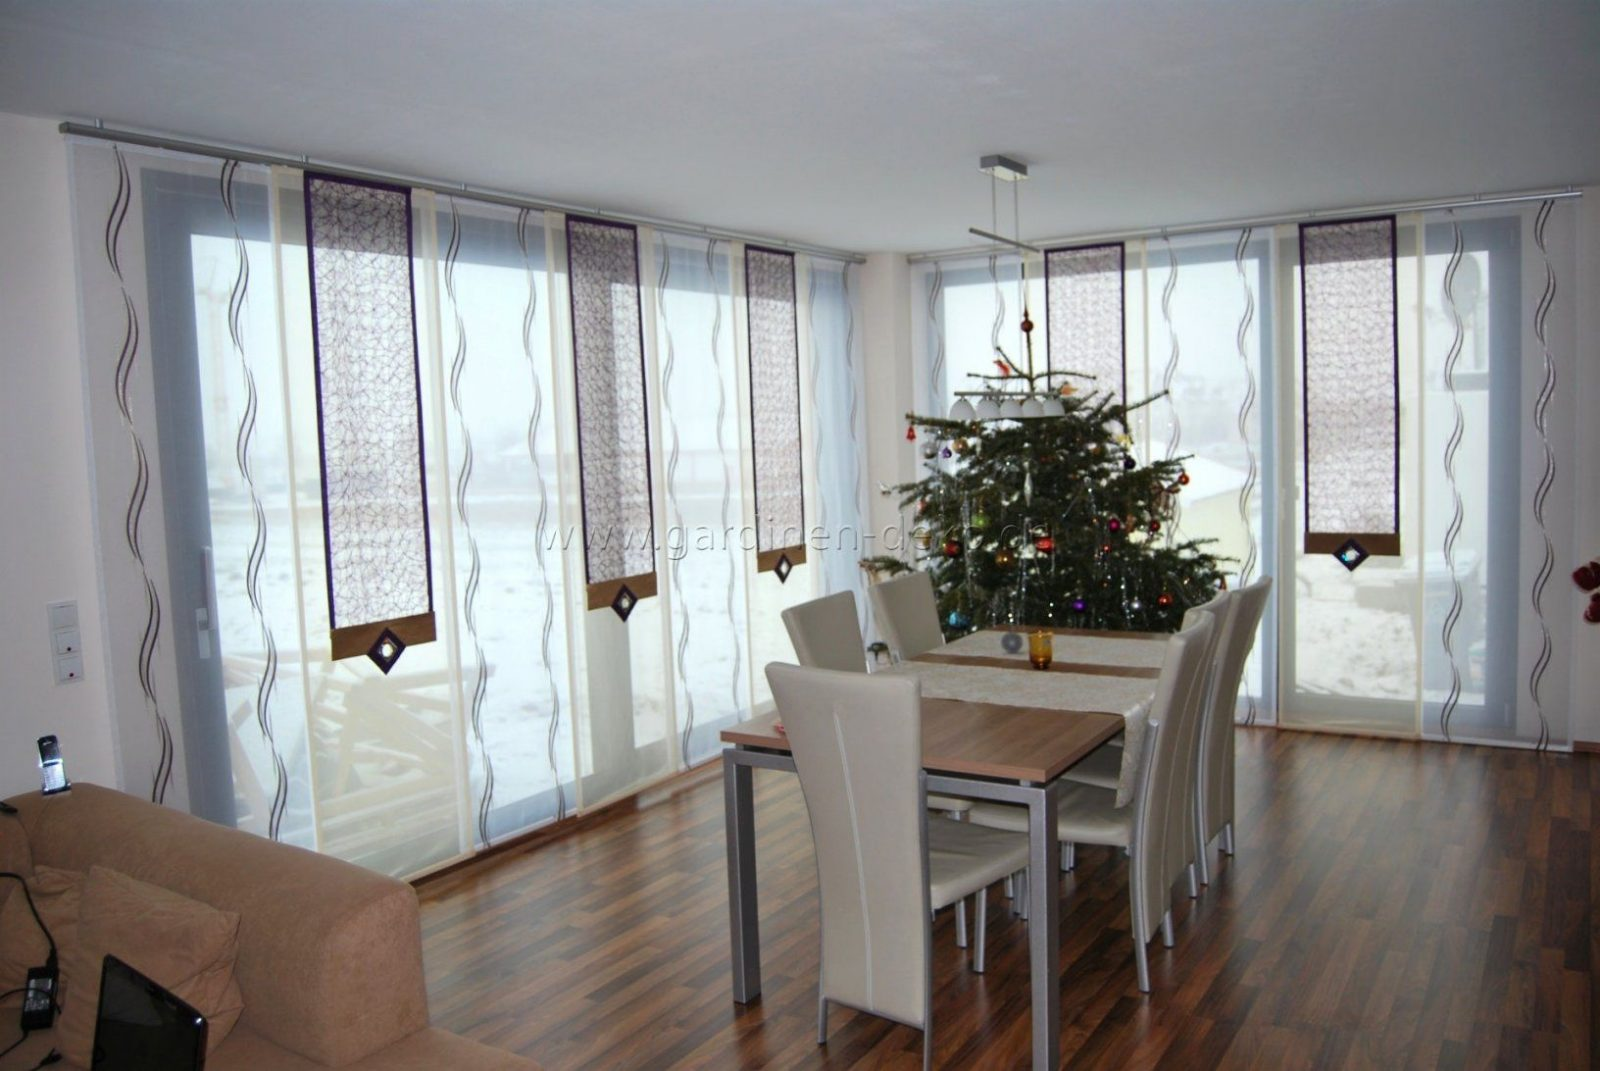 Unique Gardinen Wohnzimmer Ideen  Homemaison von Gardinen Muster Für Wohnzimmer Bild